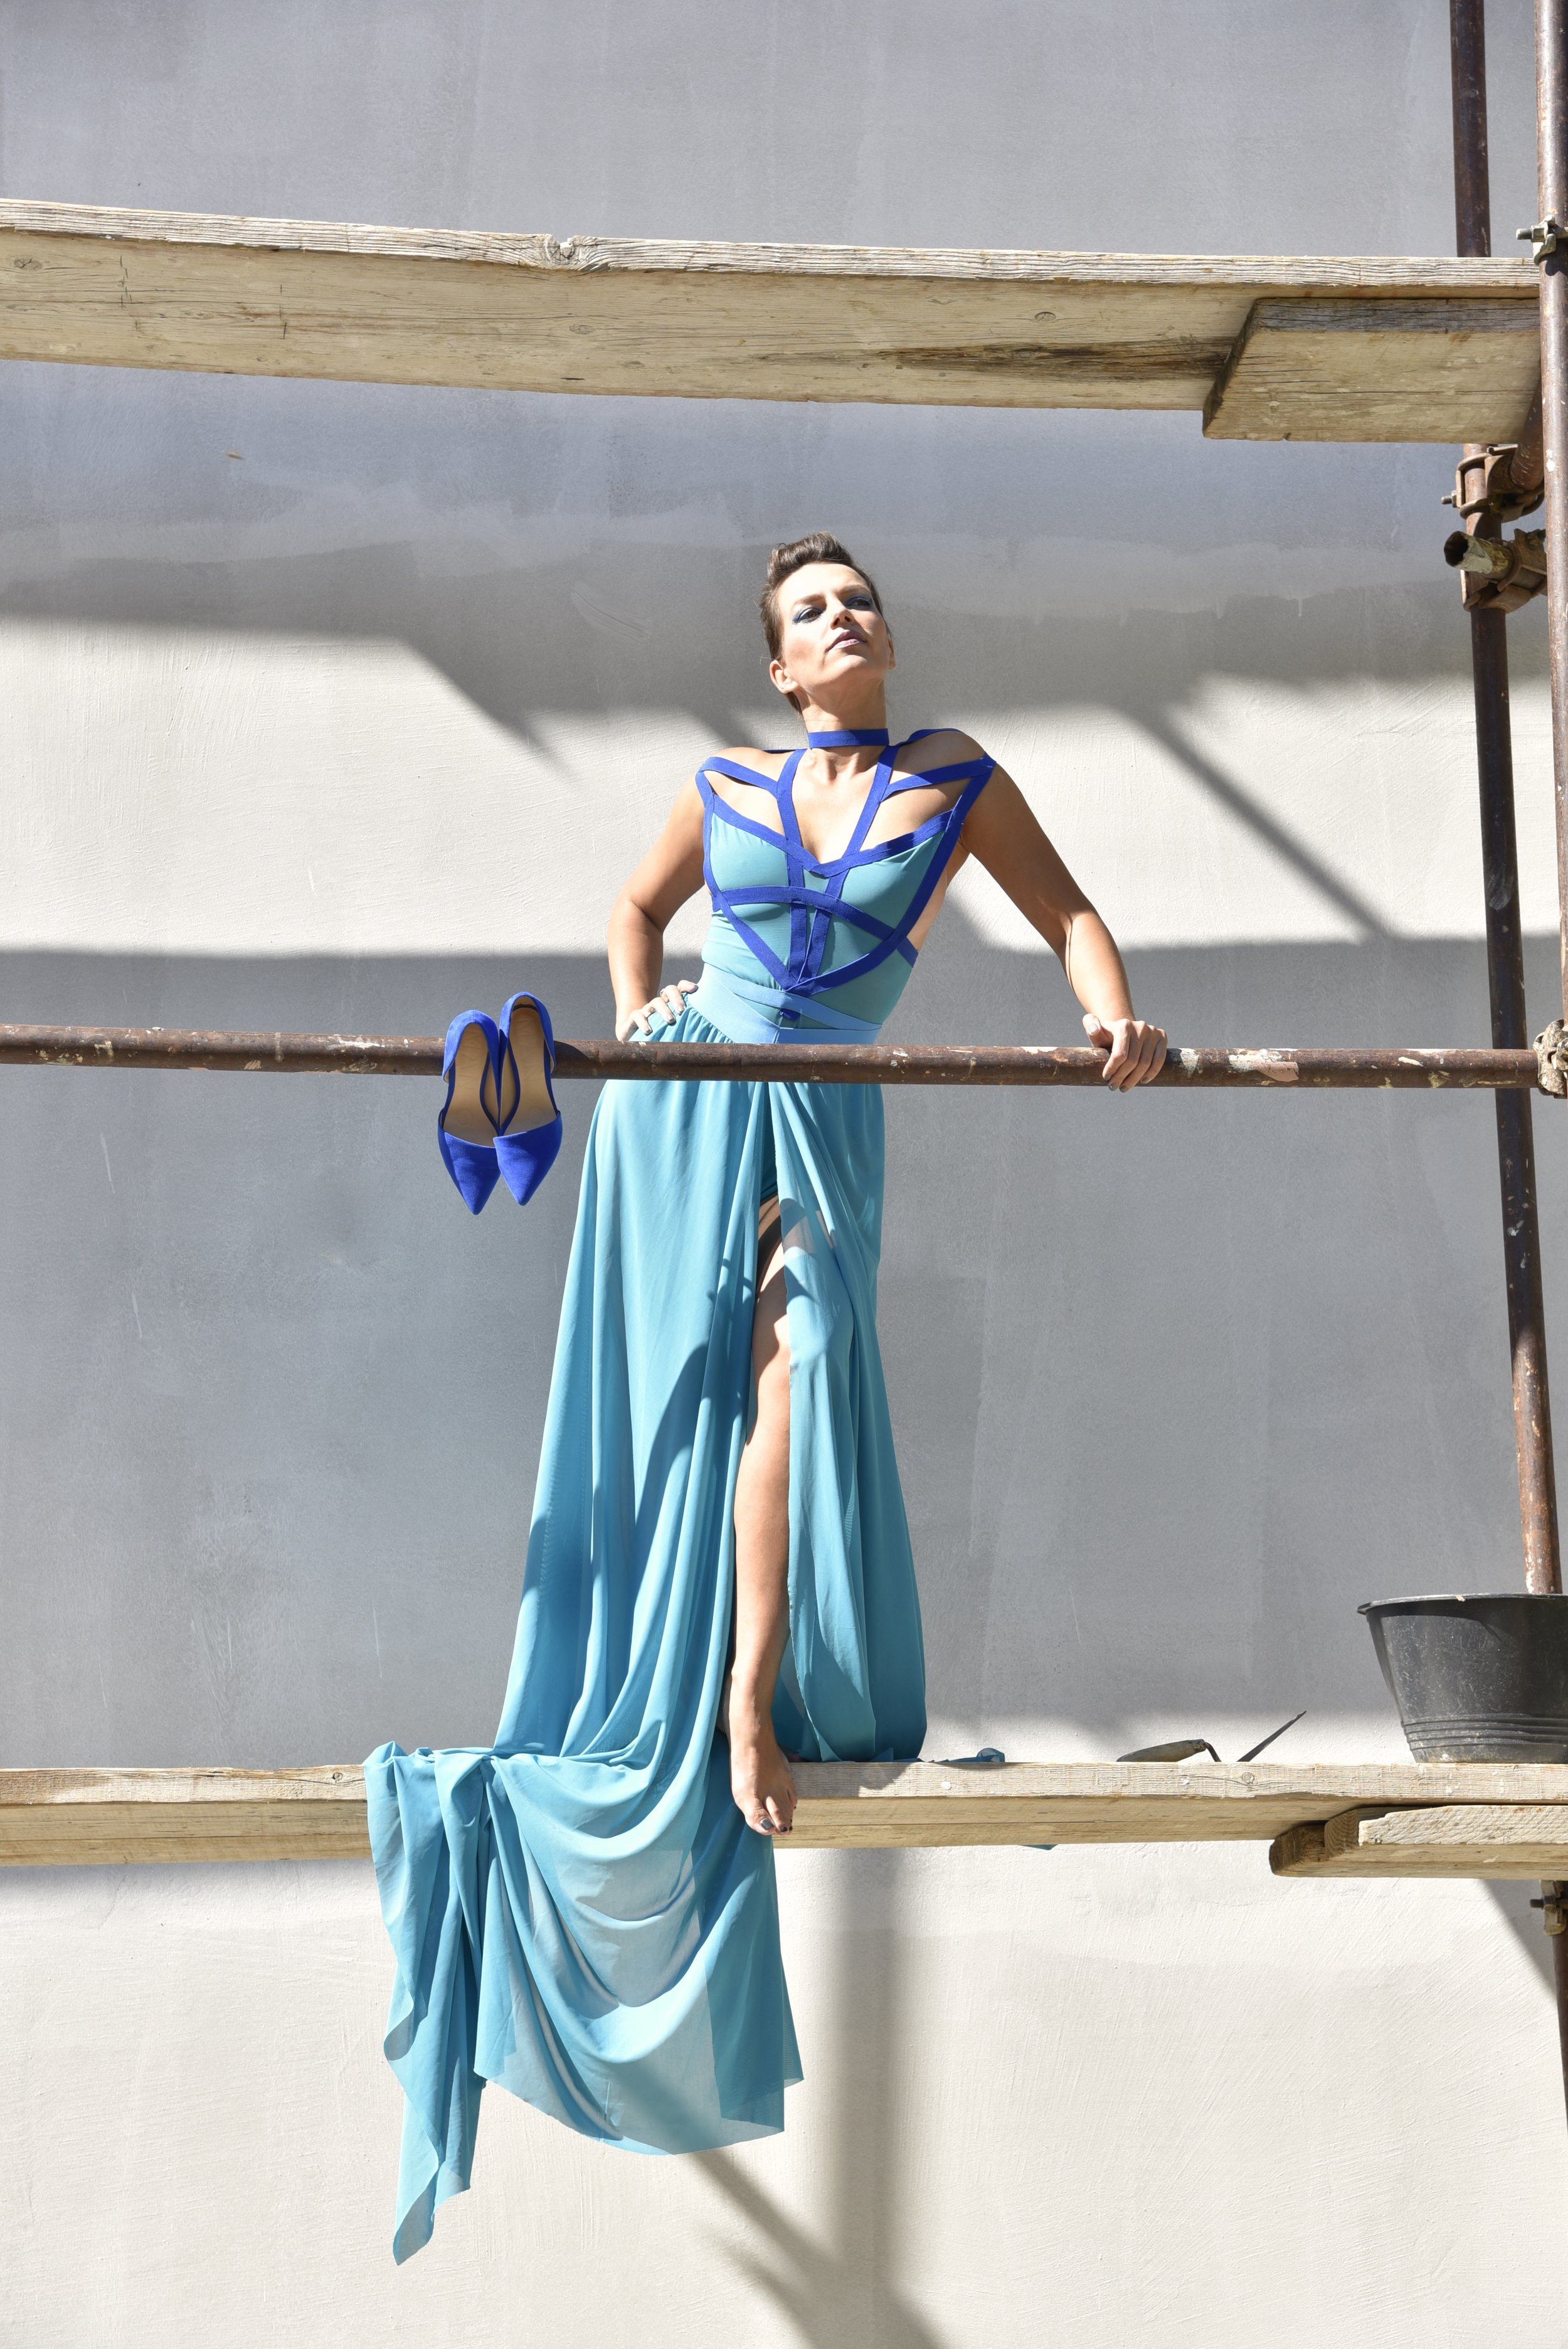 Like a blue goddess